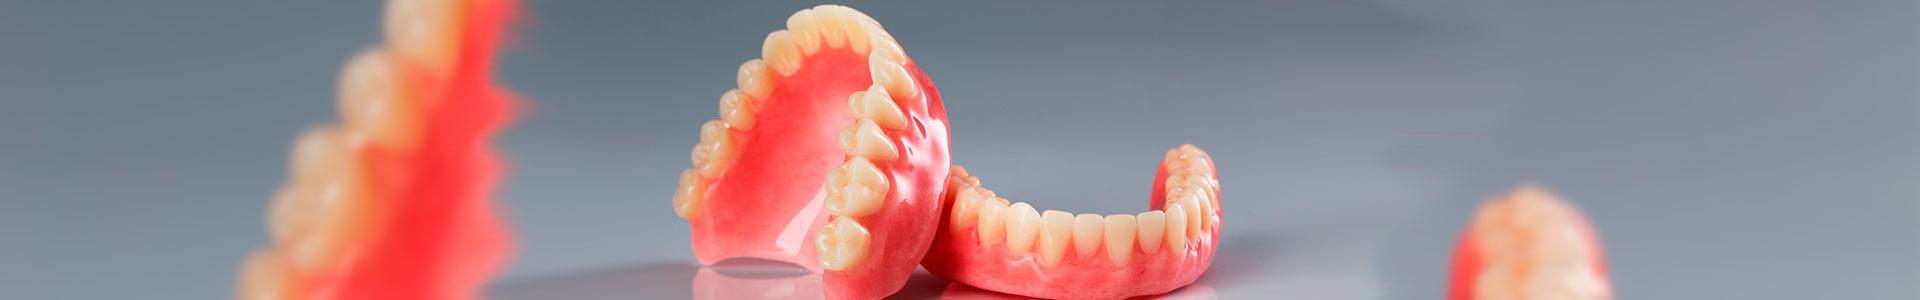 Dentaduras Modernas | Novas Técnicas para uma Estética mais marcante!